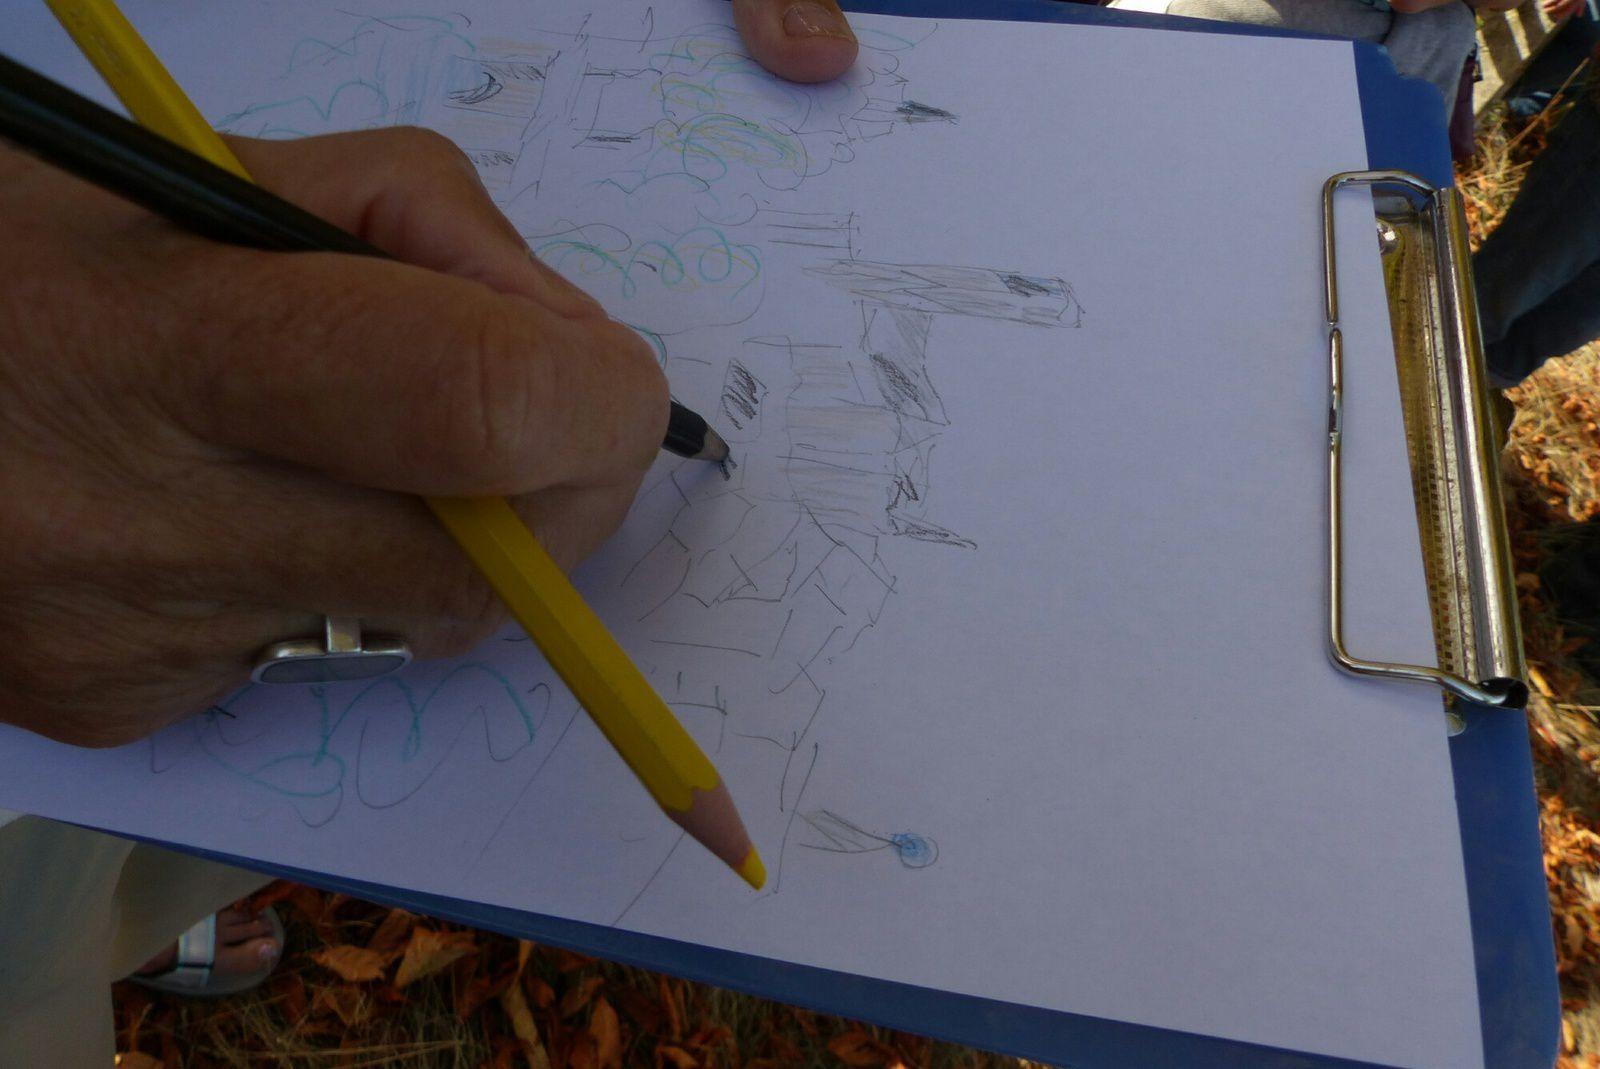 exercice inattendu proposé par le Guide : croquer le paysage en quelques minutes